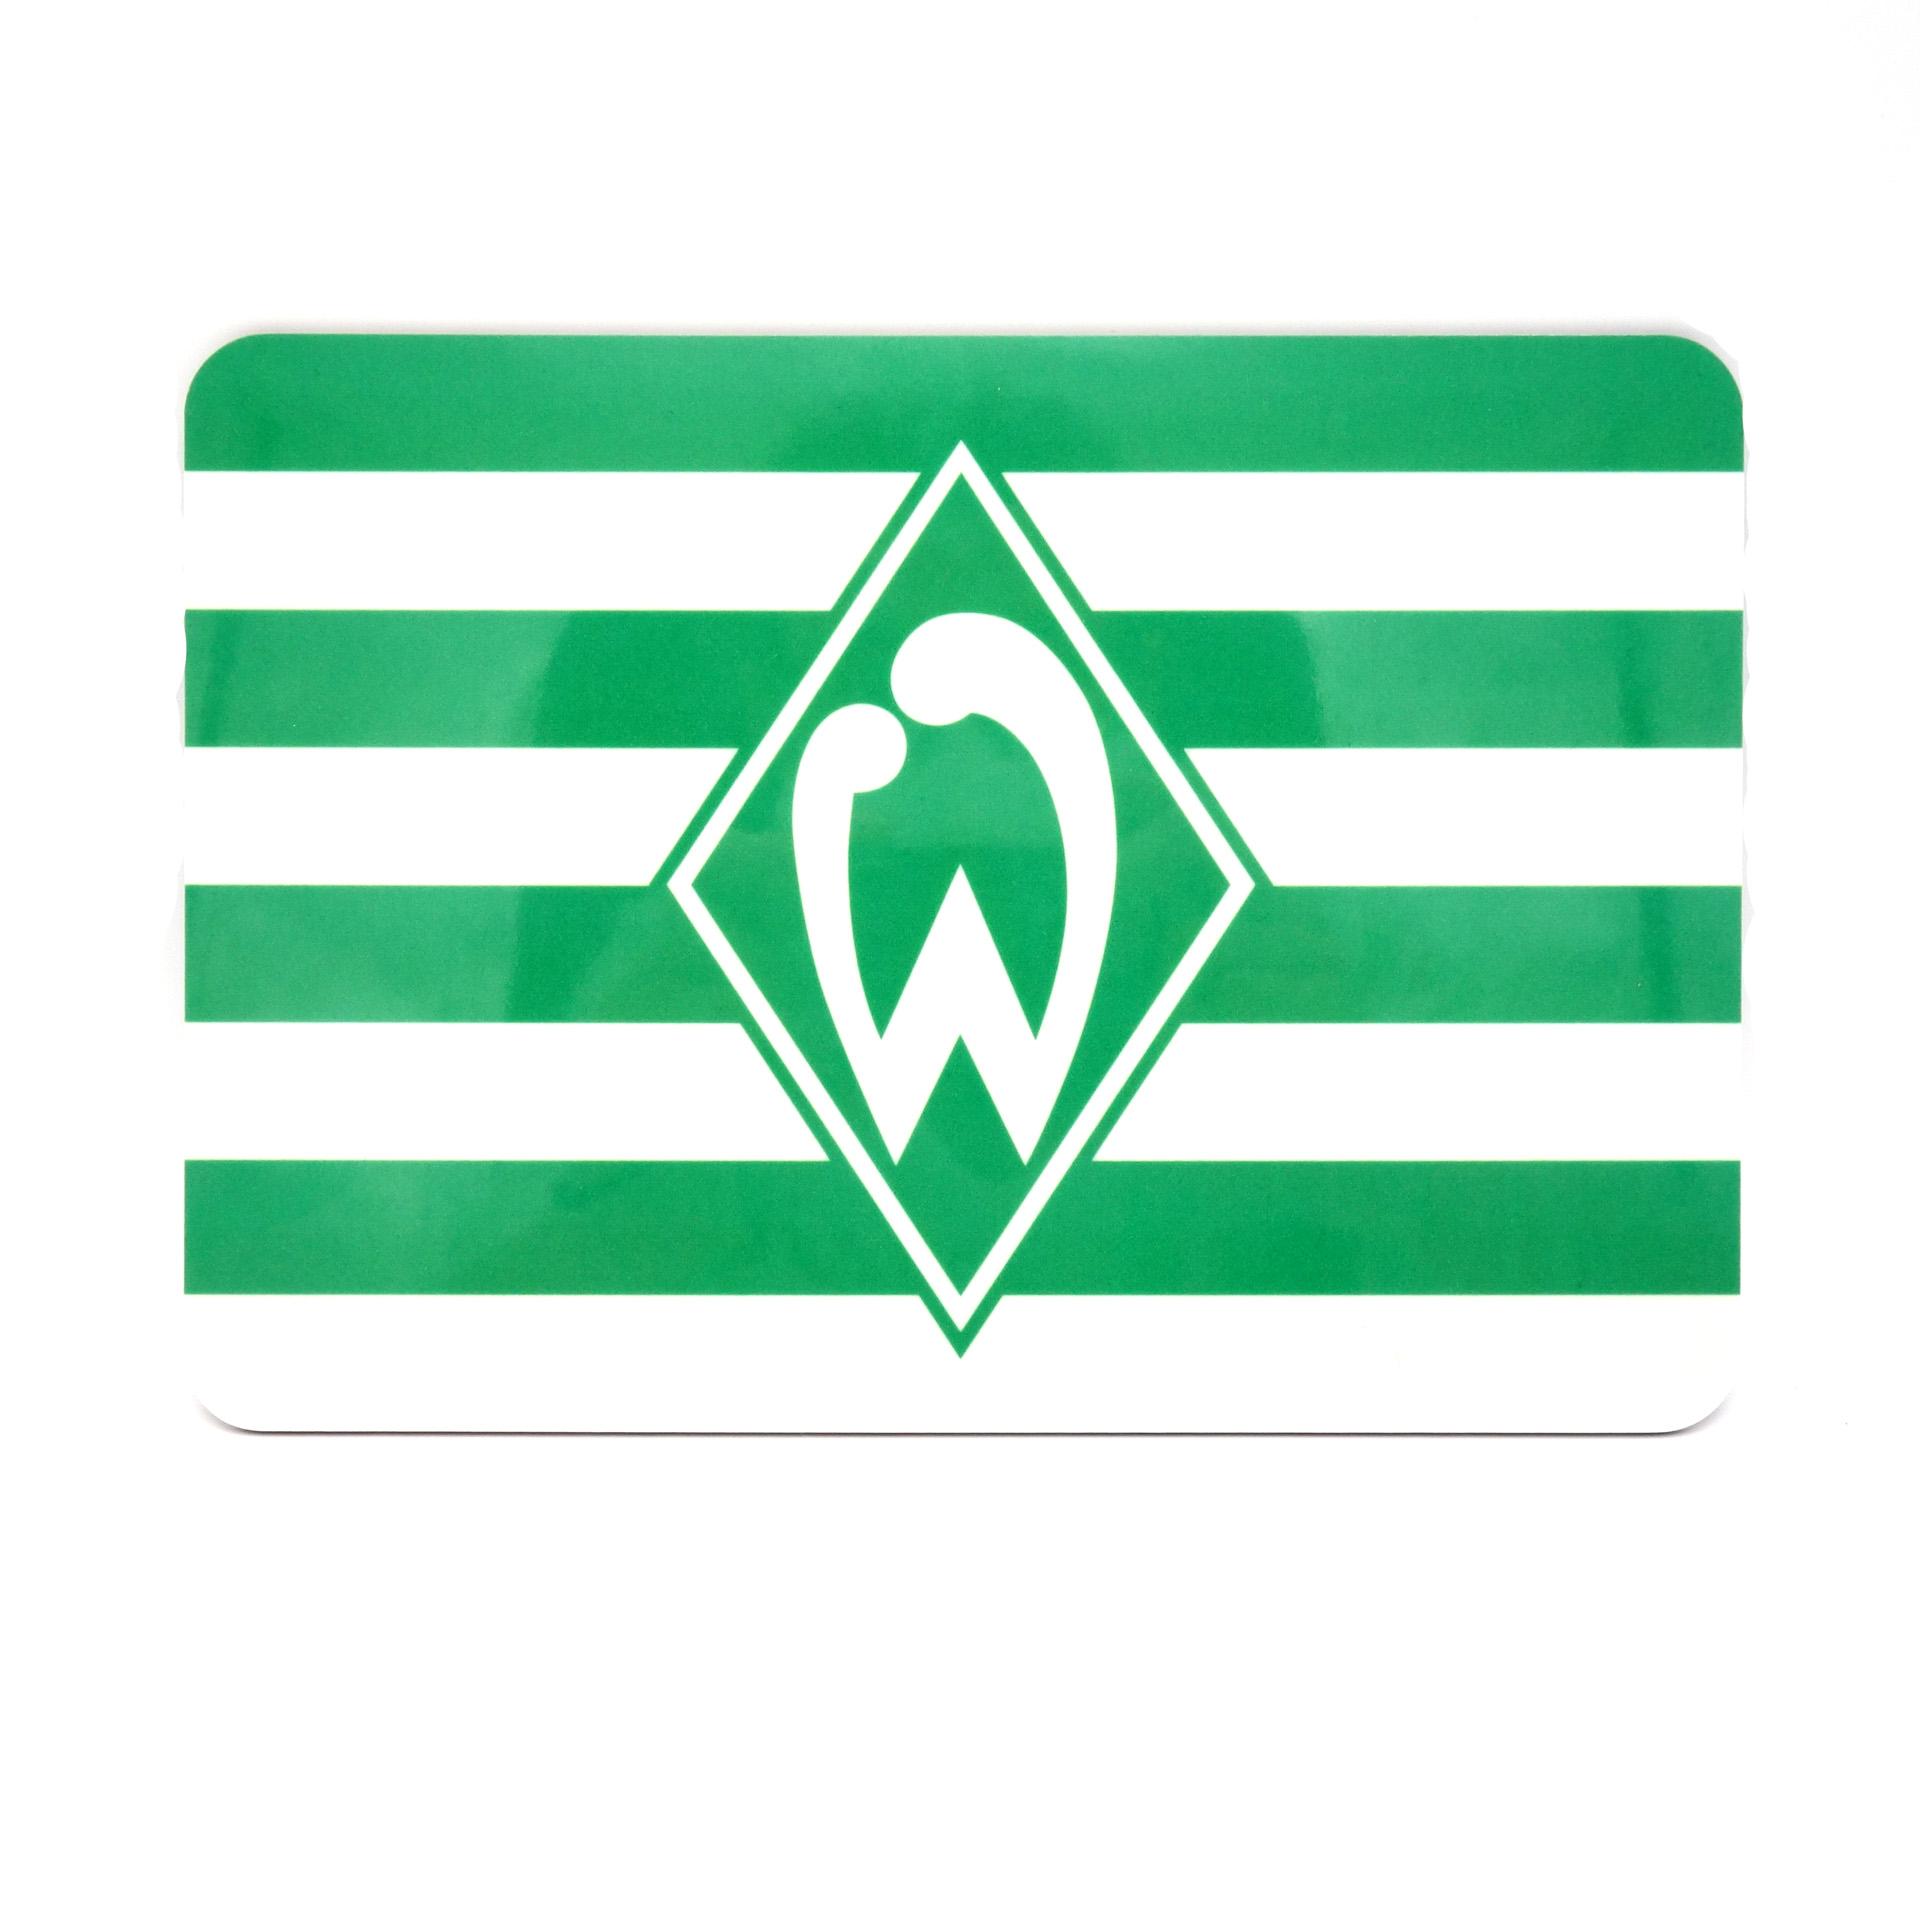 Werder Bremen Frühstücksbrettchen Ricolor Raute Streifen Grün Weiss